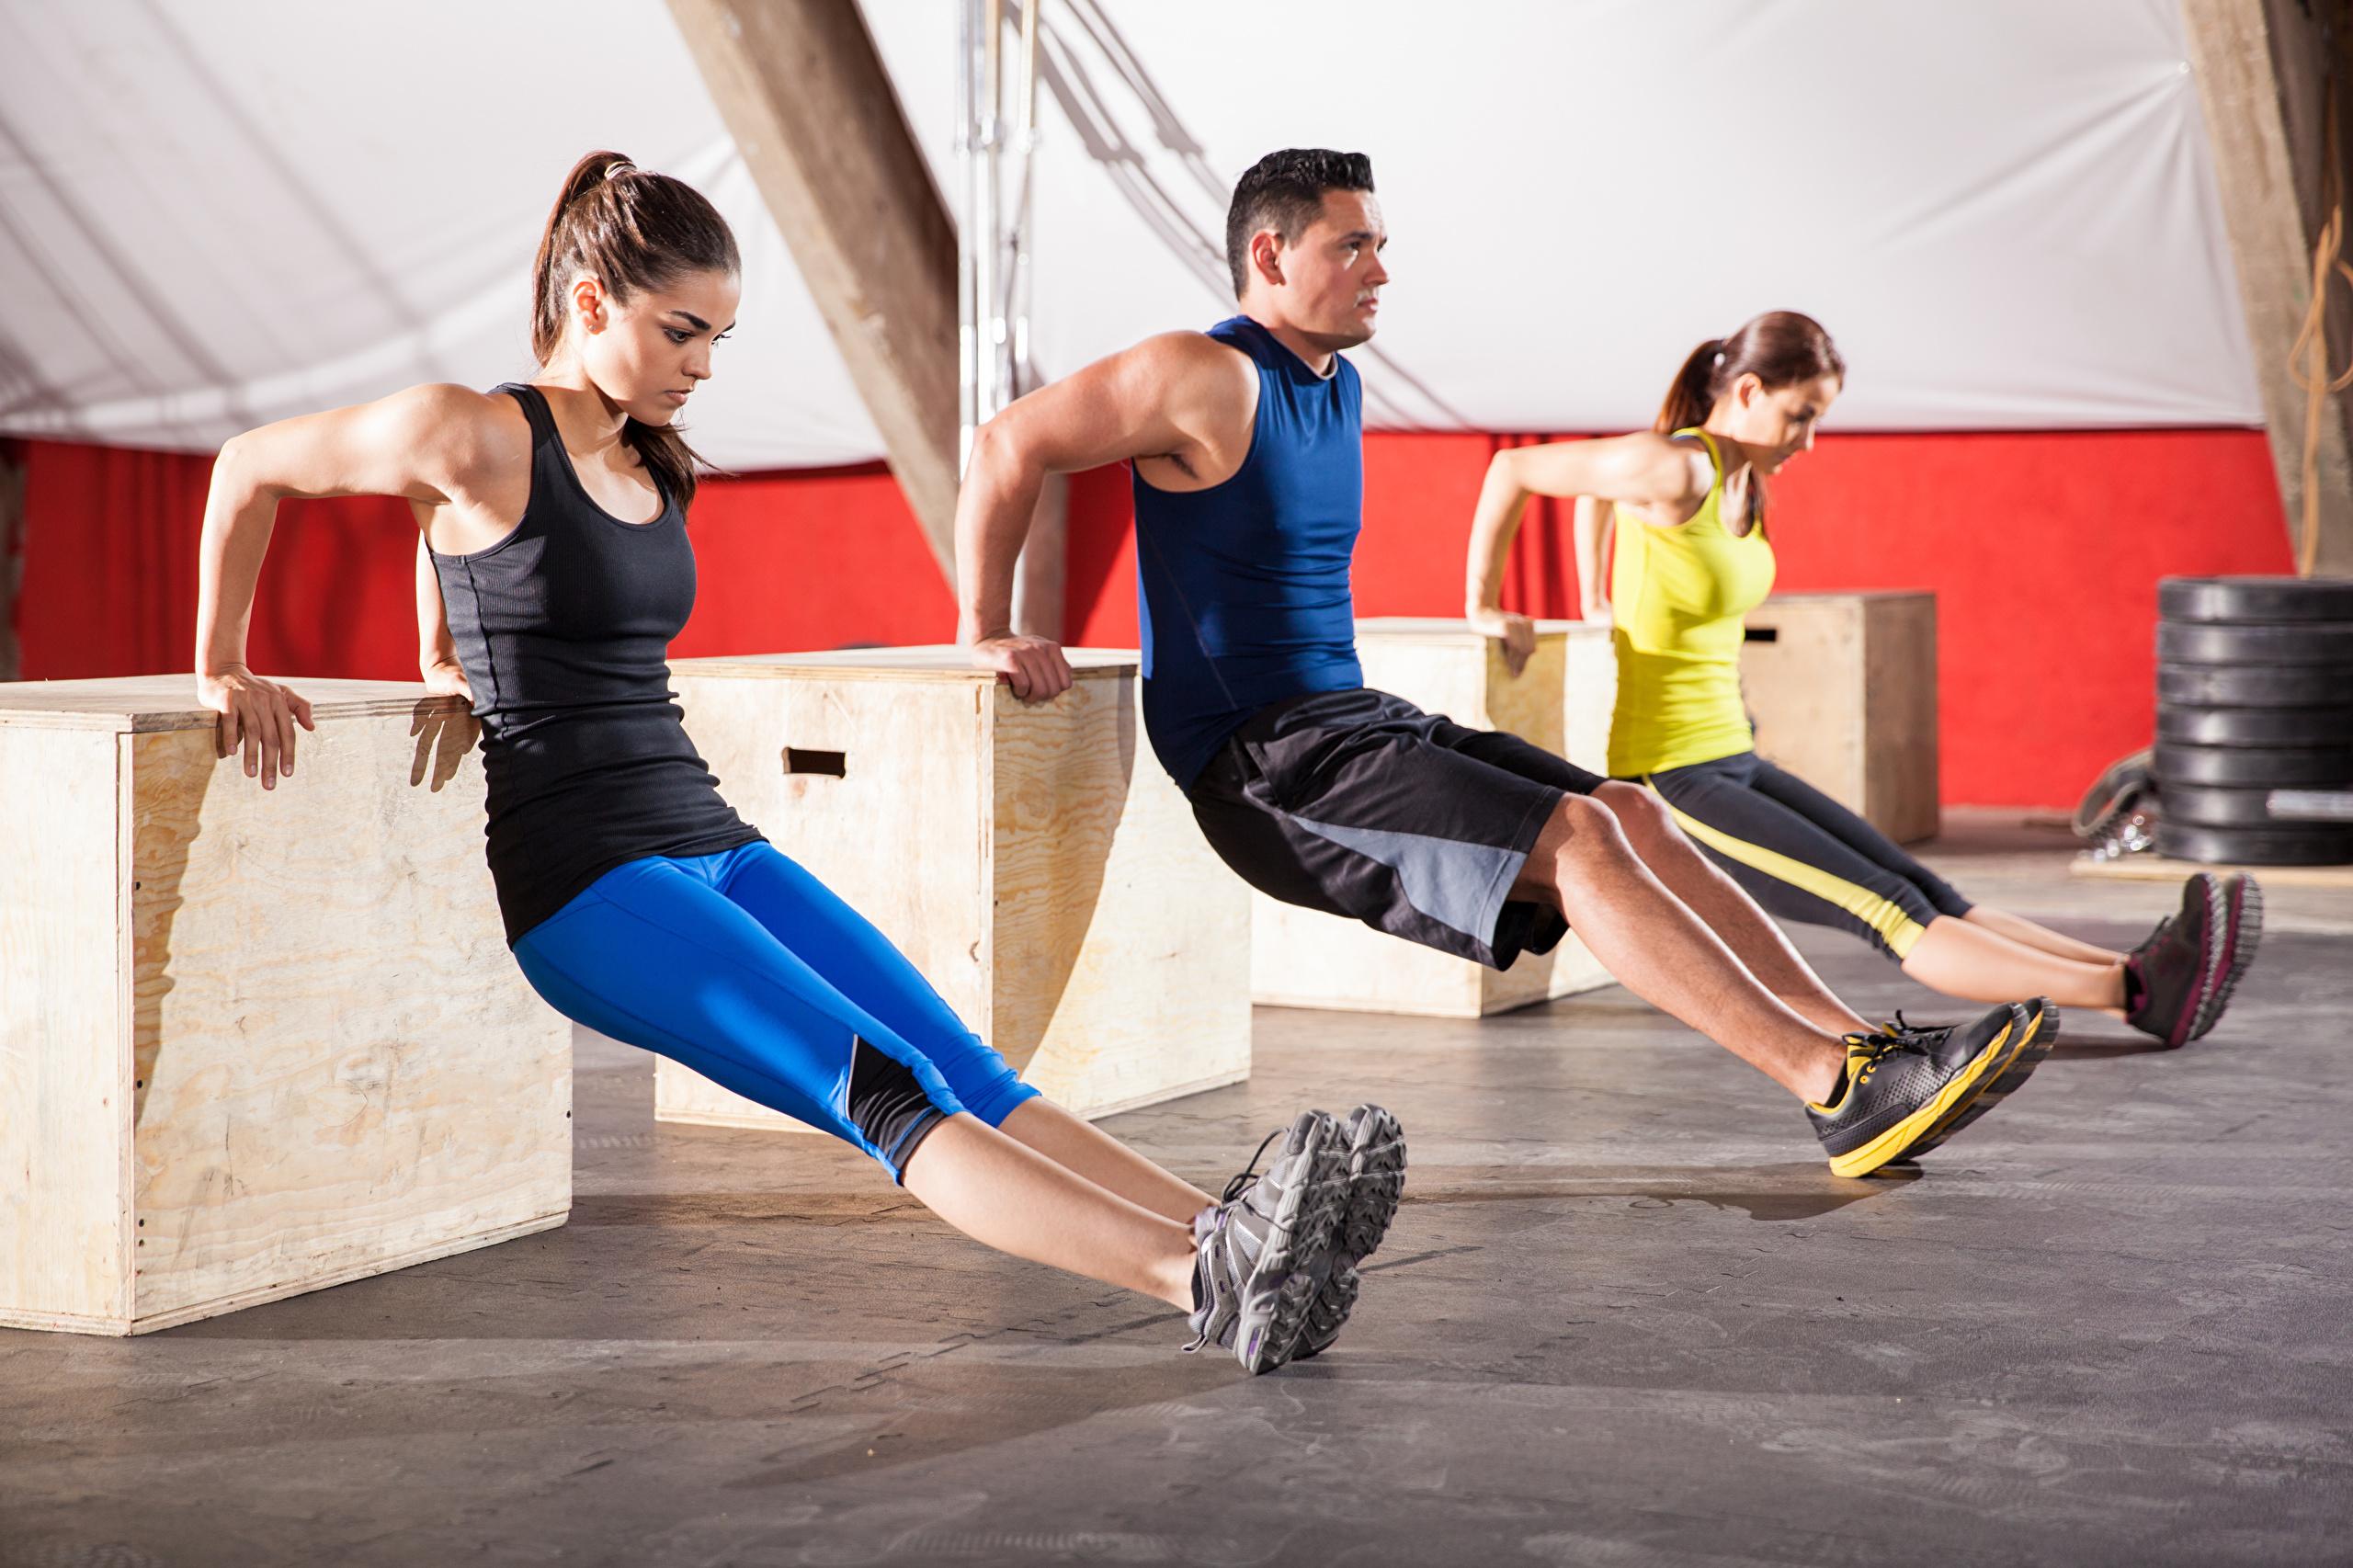 Что такое круговая тренировка и в чем её отличие от кроссфит комплексов?